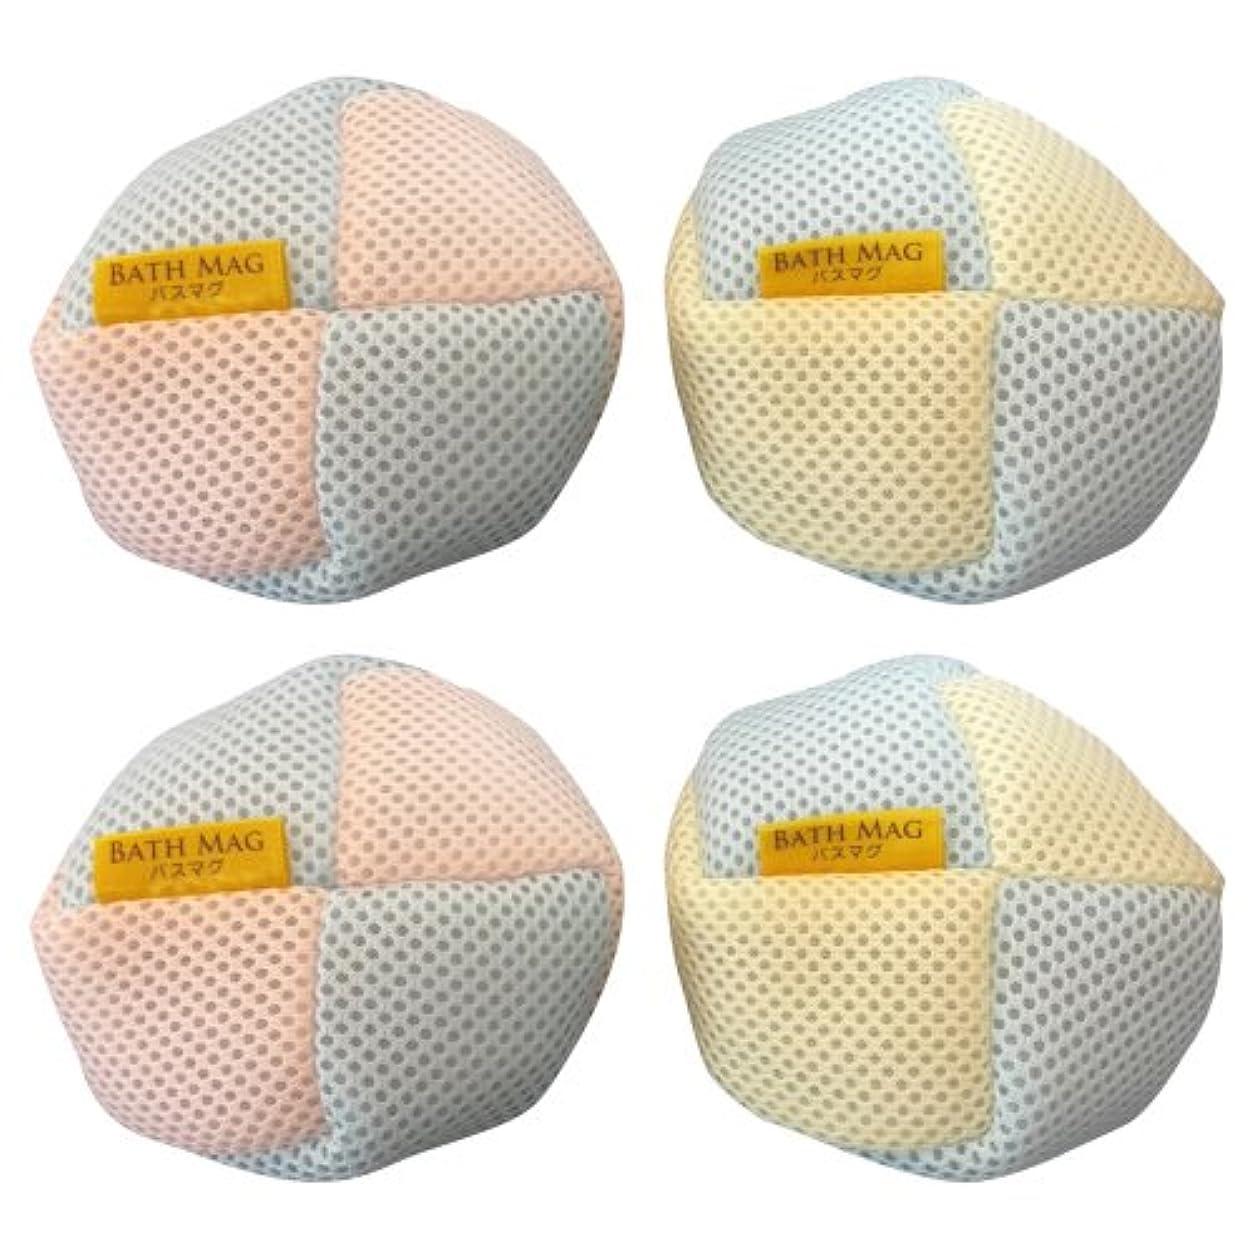 急性オセアニア狭いBATH MAG マグネシウムde水素浴(バスマグ)2個入り×2箱セット(計4個)